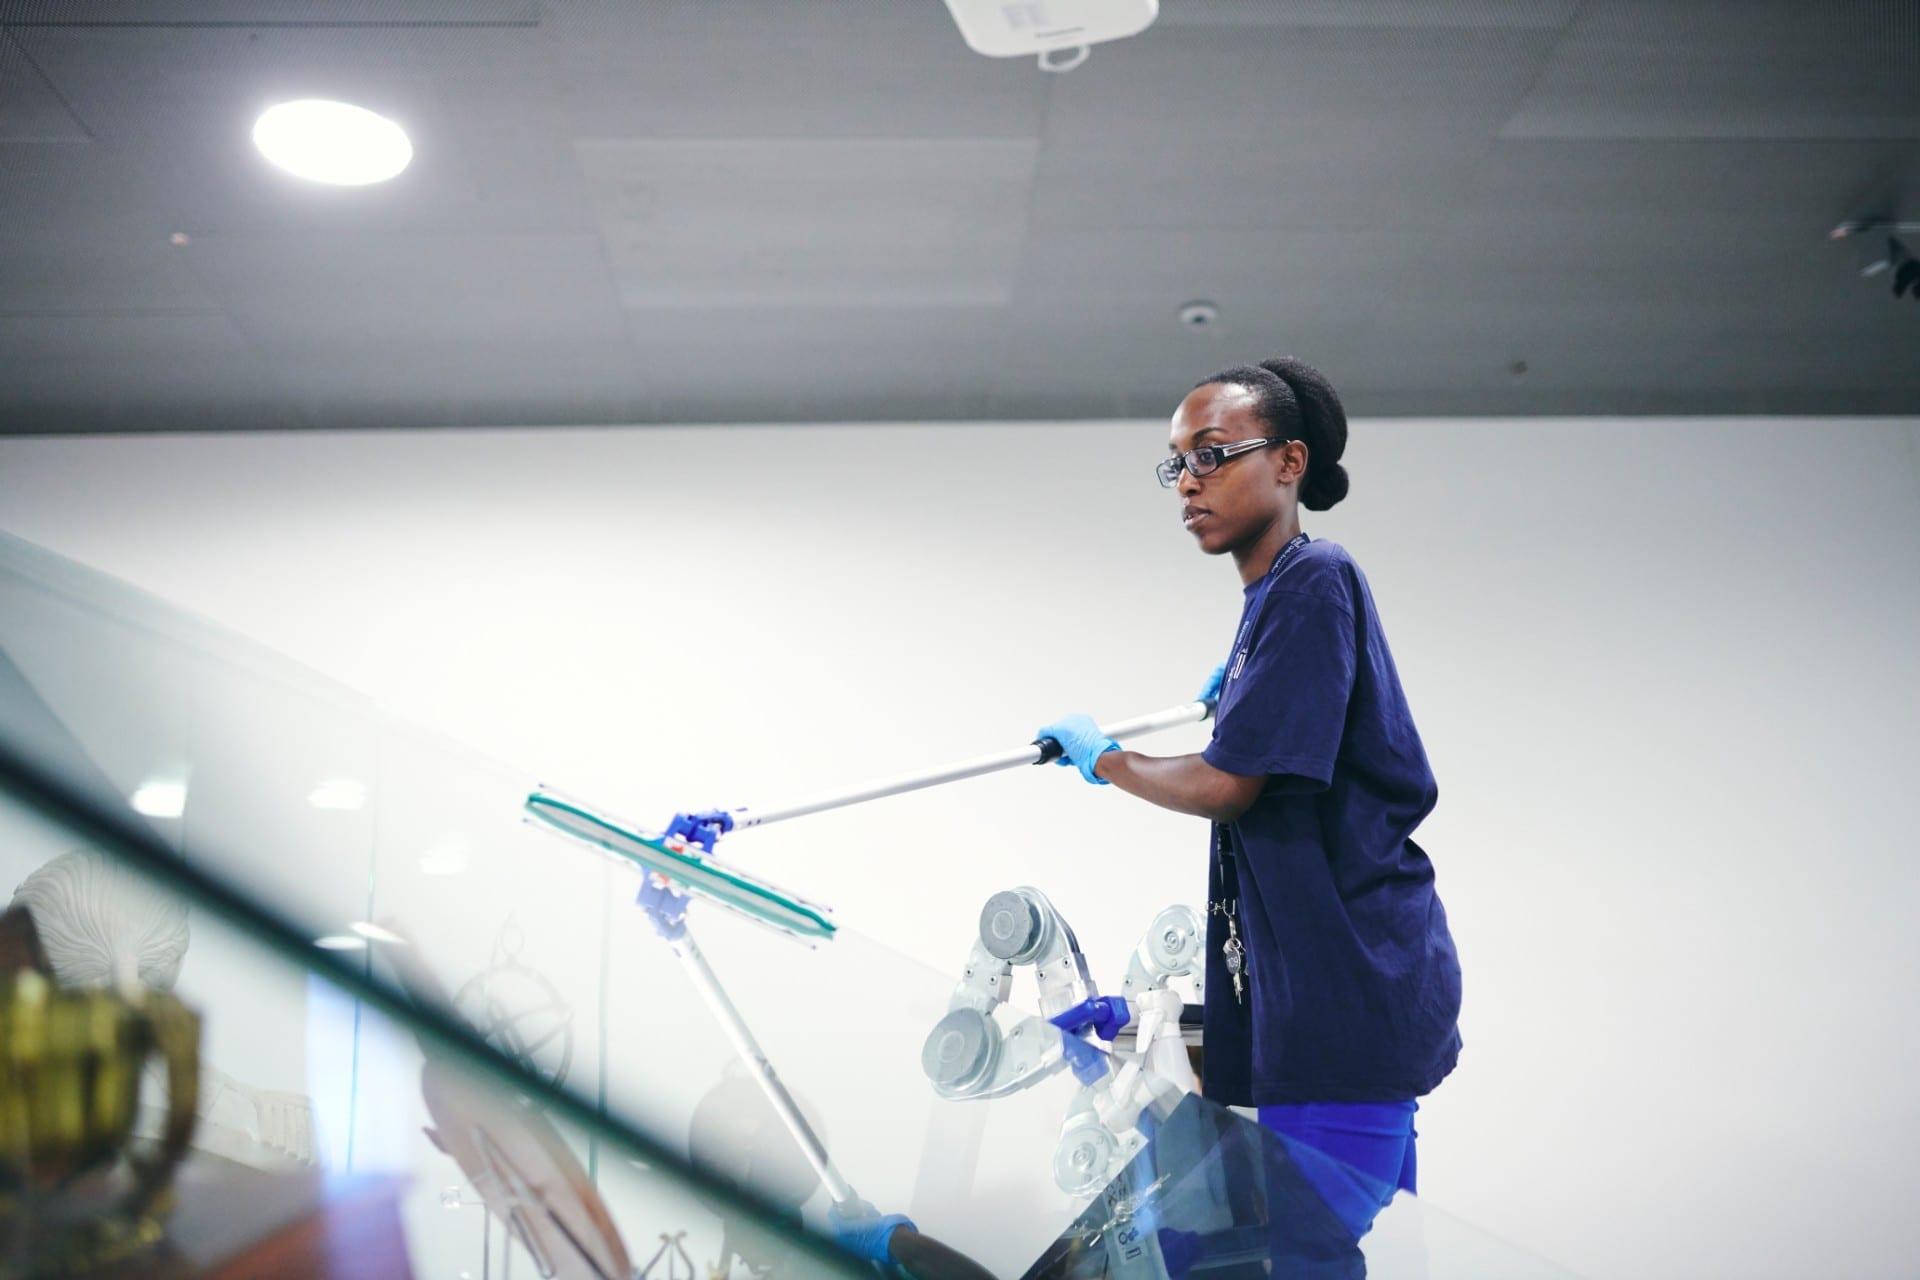 Renell-medarbejder tørrer glasflade hos ehvervskunde